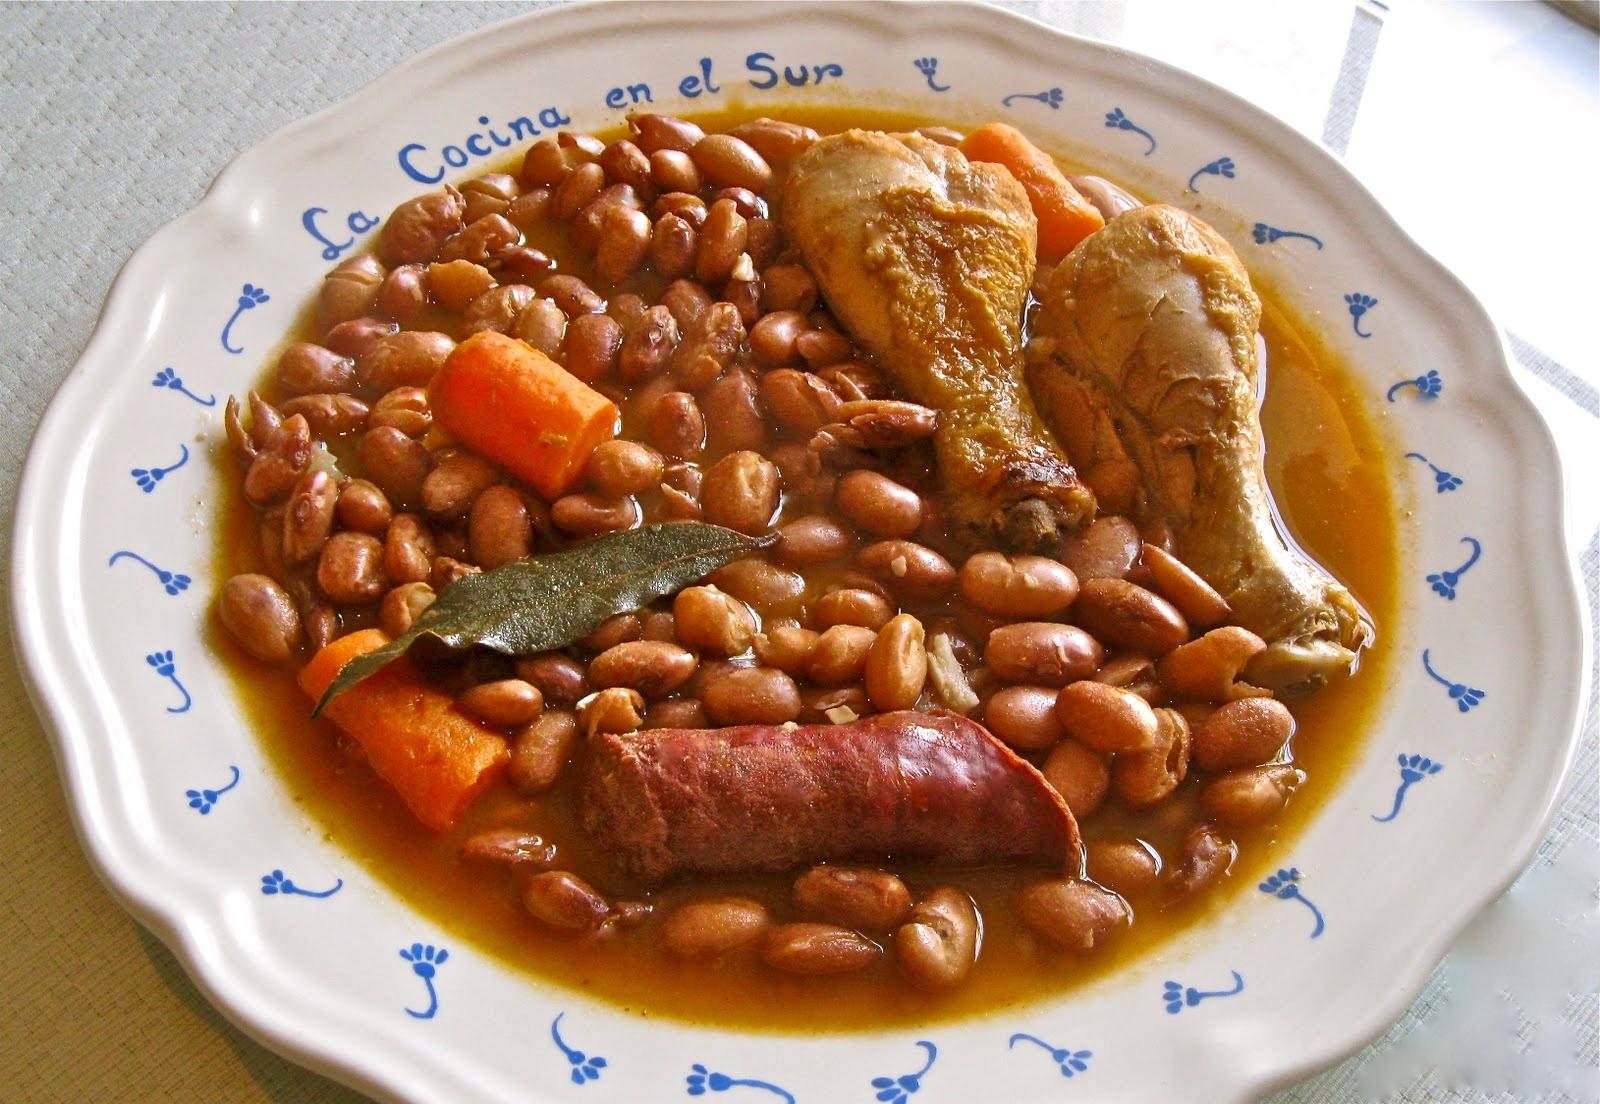 La cocina en el sur alubias pintas con chorizo y - Guiso de judias pintas ...